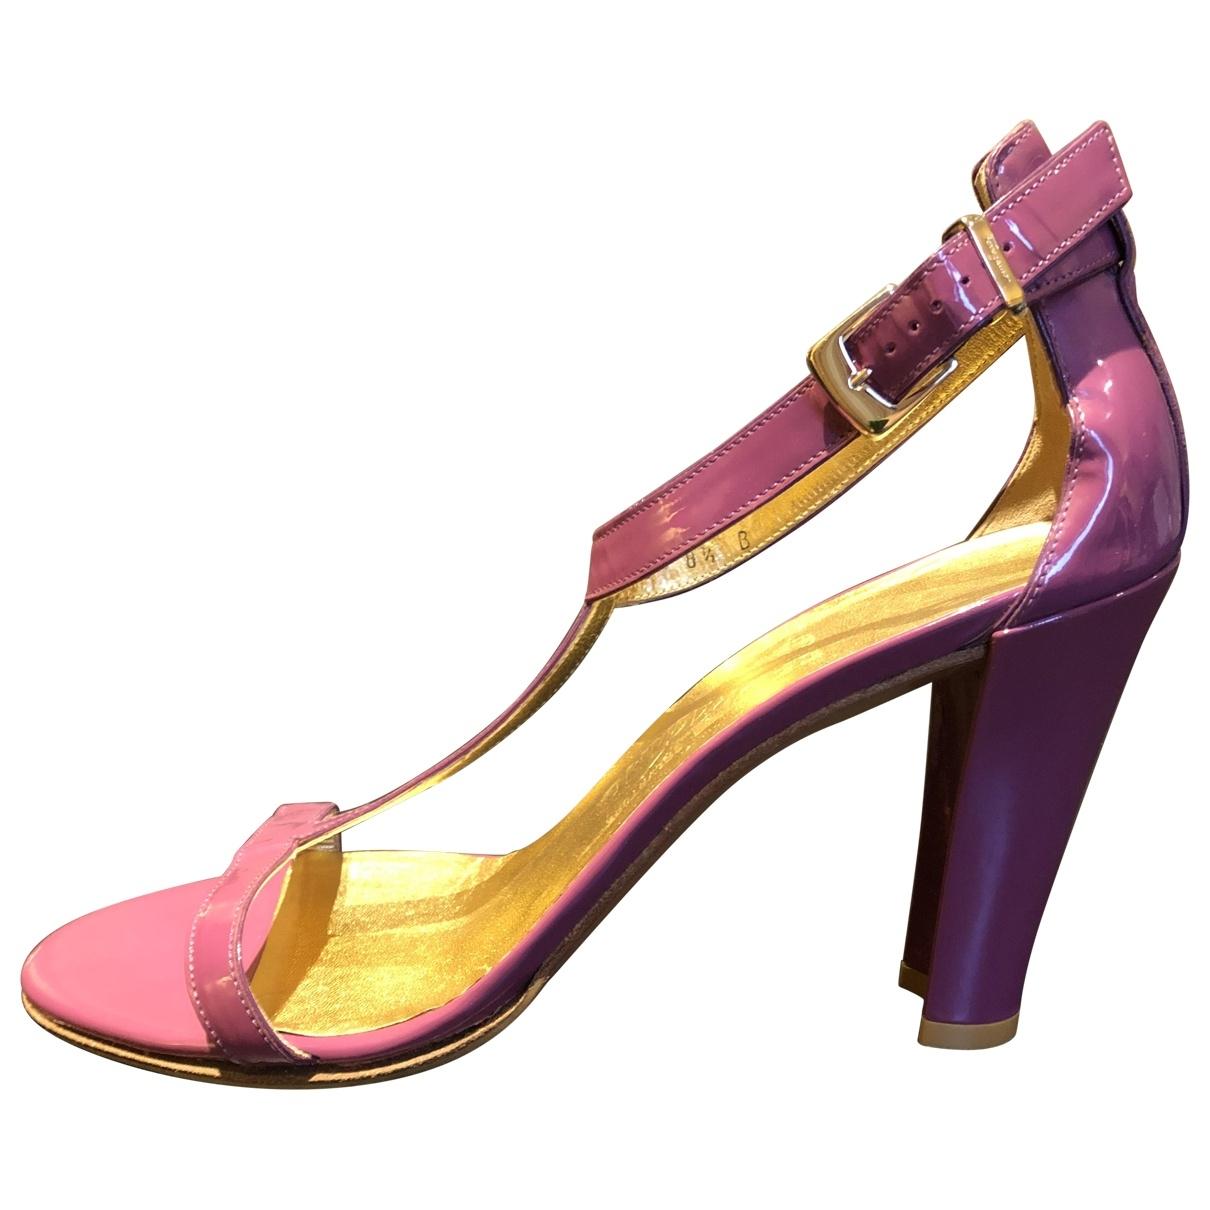 Salvatore Ferragamo - Sandales   pour femme en cuir verni - violet